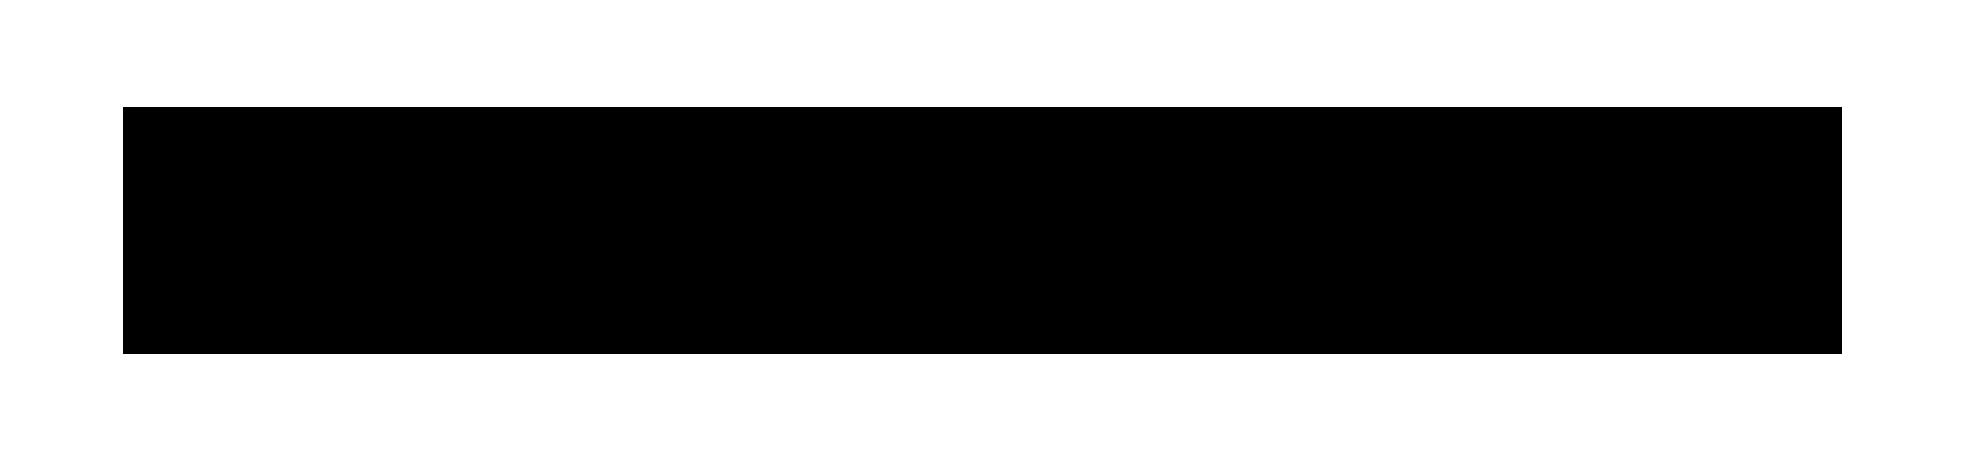 logo TS vector cerne